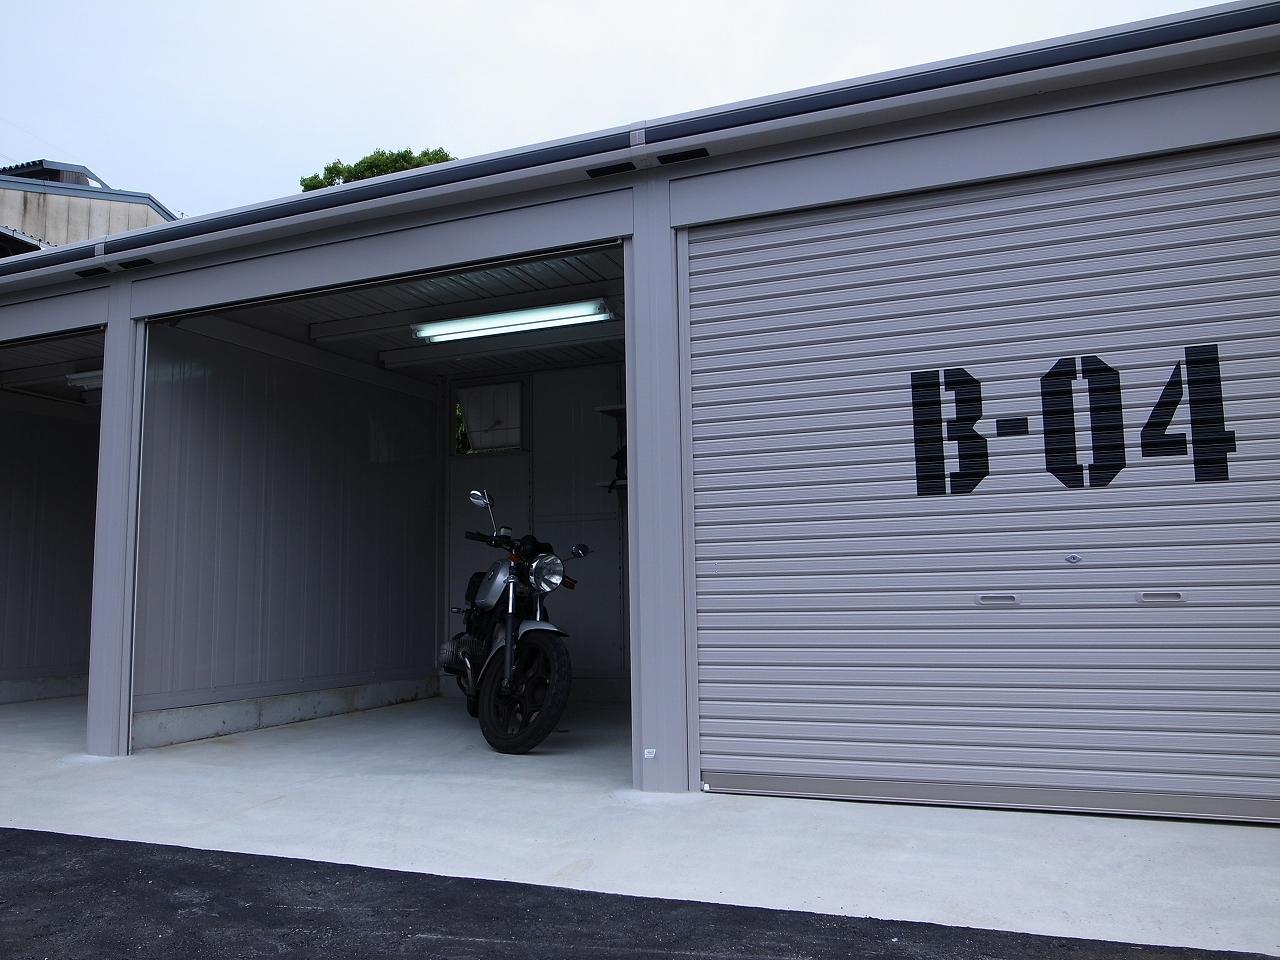 バイクガレージ内